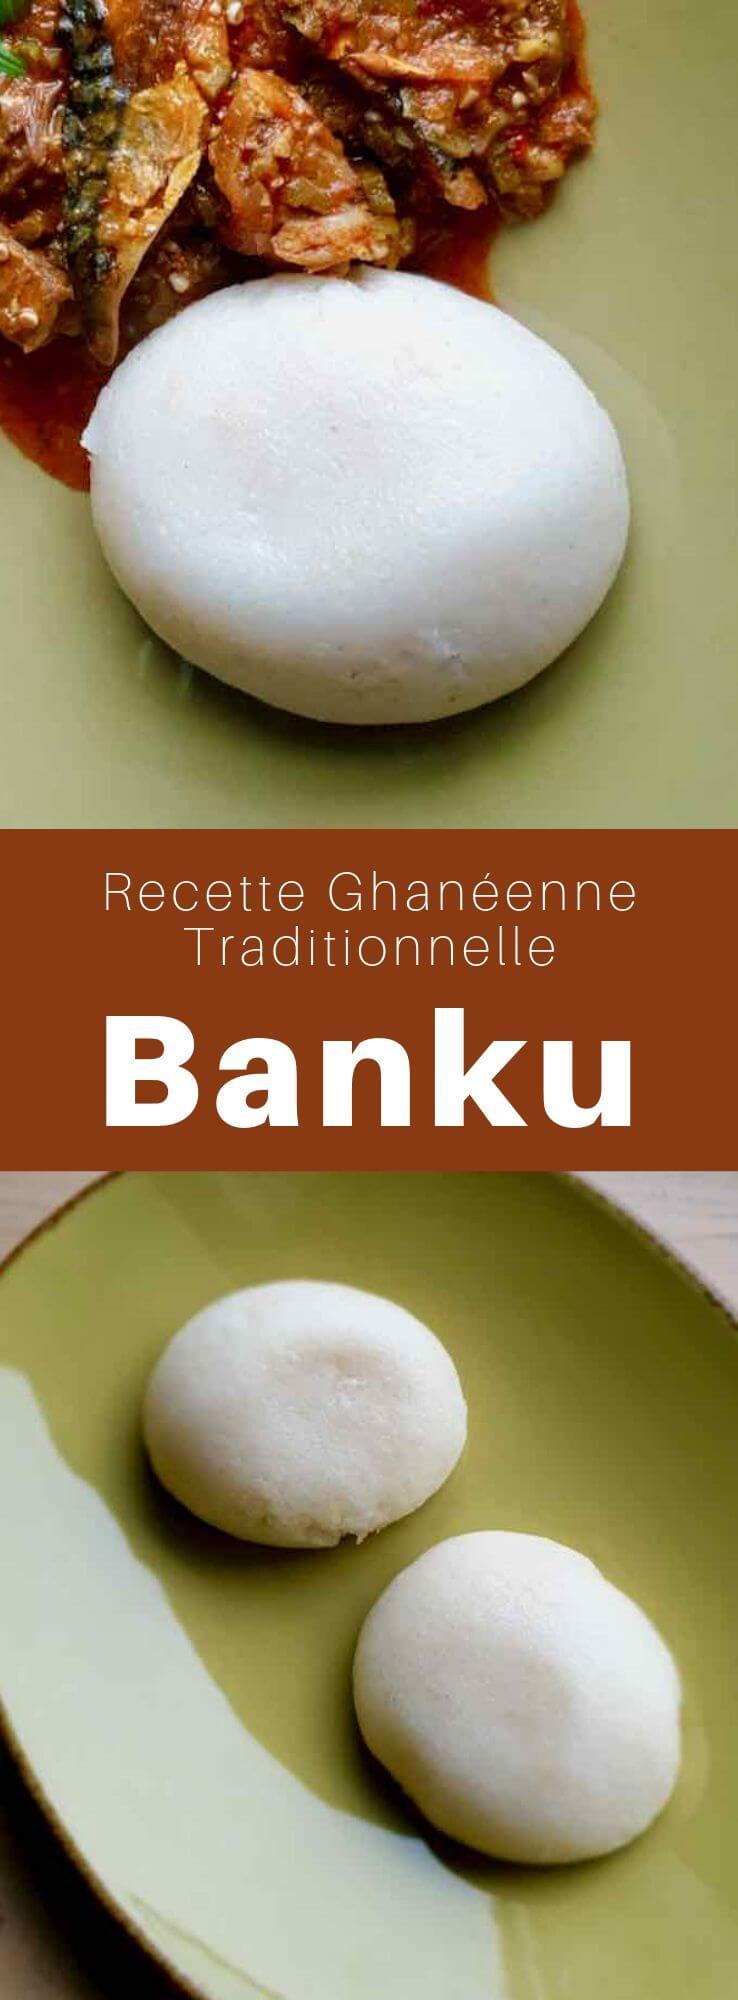 Le banku est une recette ghanéenne traditionnelle connue pour son goût acide, qui provient de plusieurs jours de fermentation du maïs pour en faire une pâte de maïs. #Ghana #Afrique #AfriqueDeLouest #RecetteAfricaine #CuisineAfricaine #CuisineDuMonde #196flavors